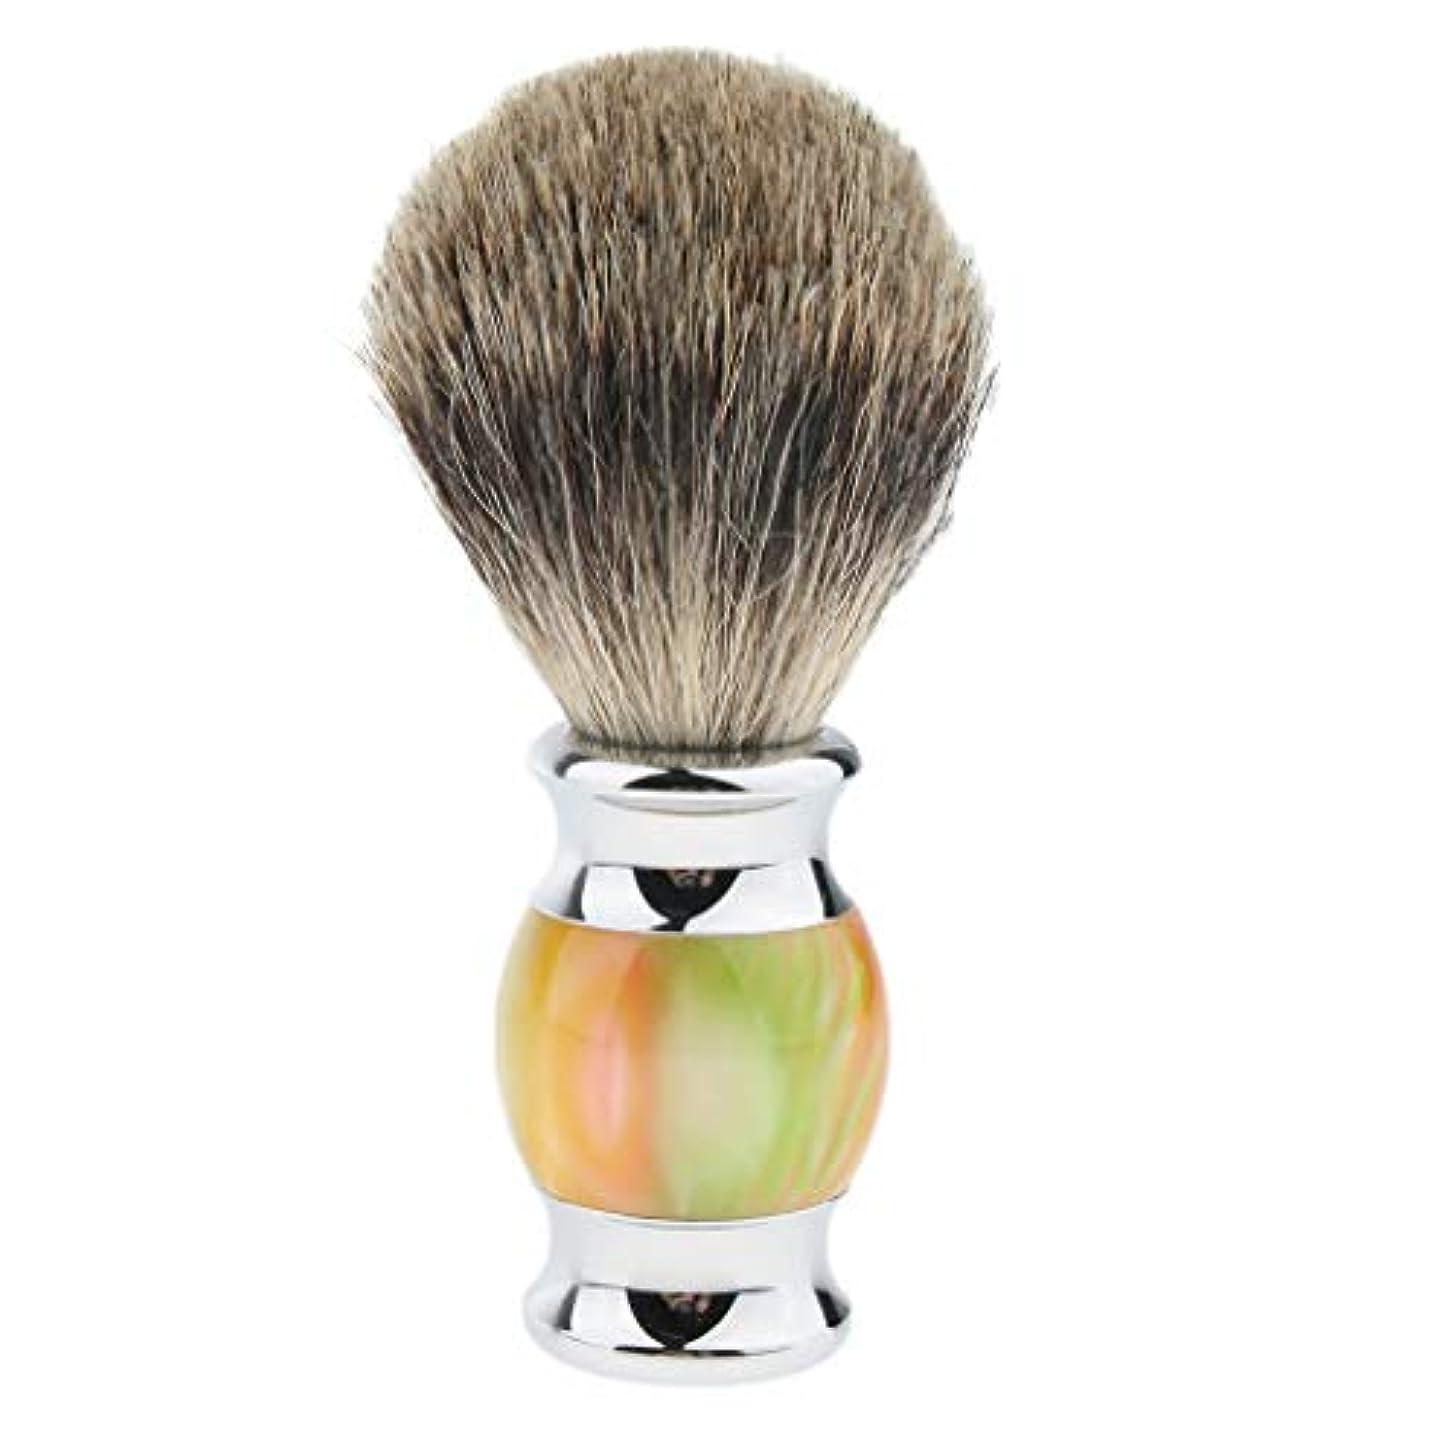 排泄物先見の明追うHellery ひげブラシ シェービング ブラシ メンズ 理容 洗顔 髭剃り 泡立ち 多色選べ - 01